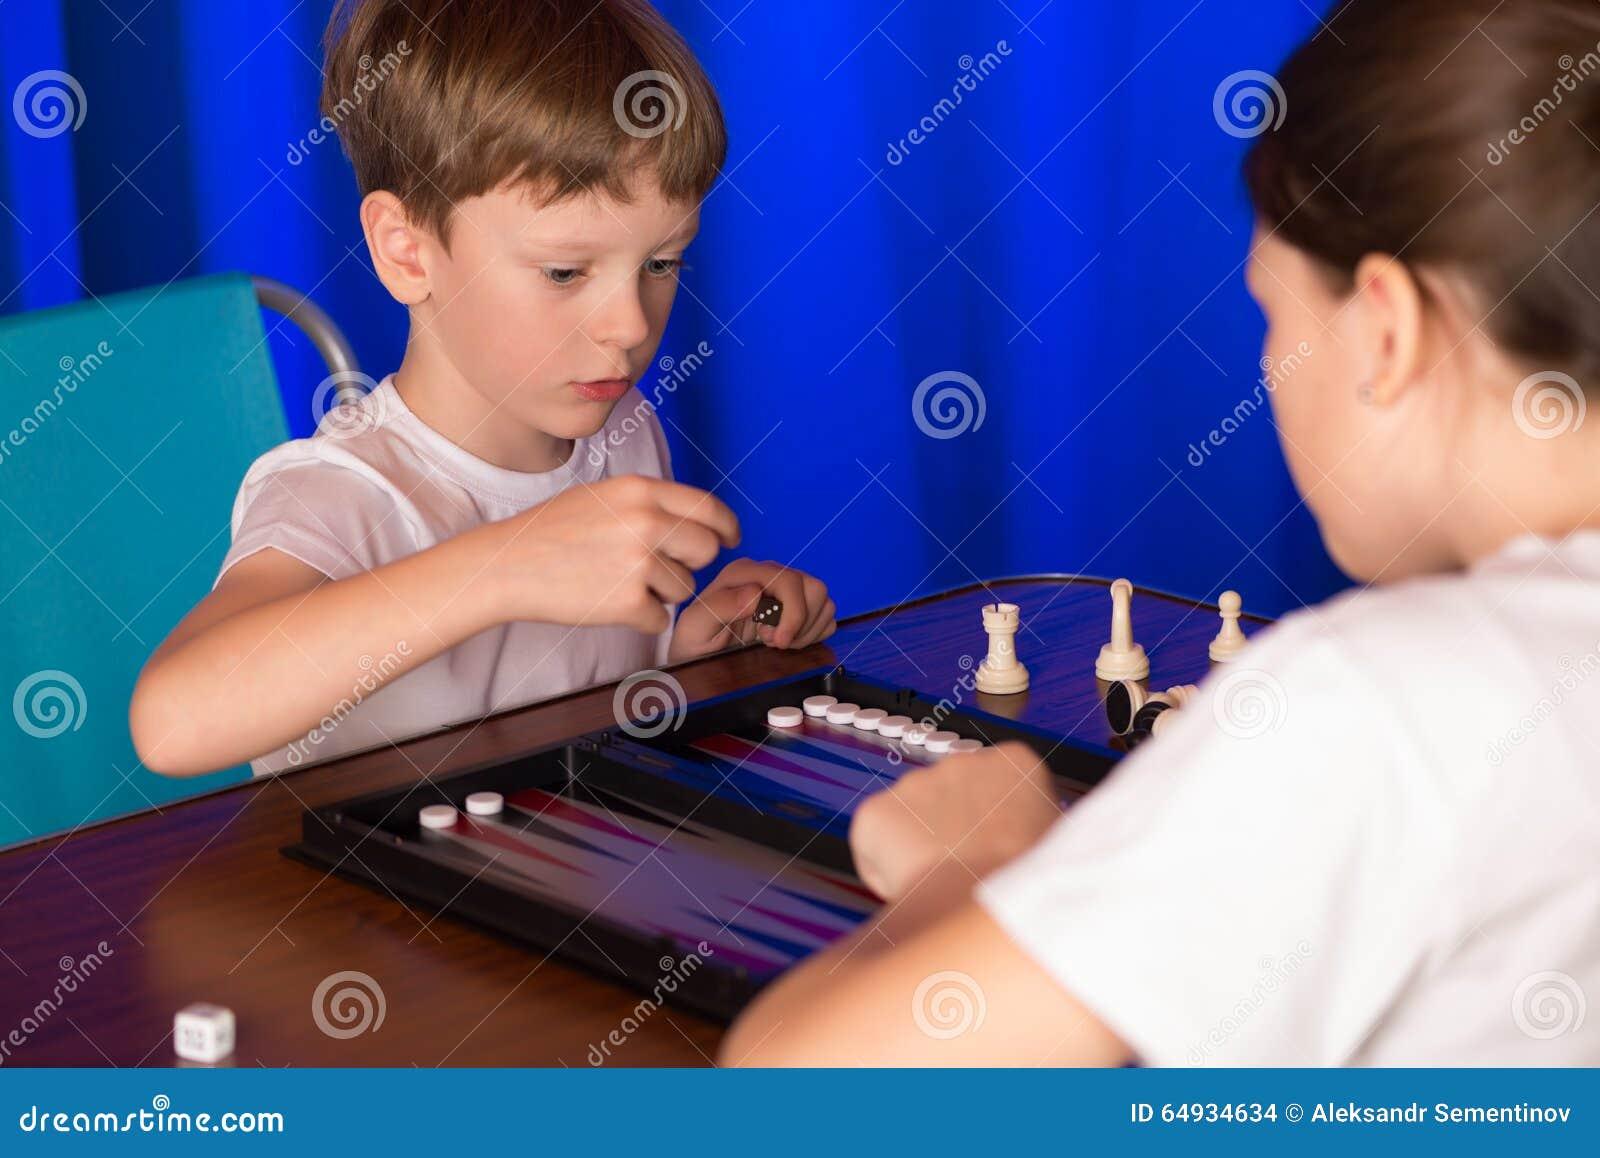 Oriental boy play